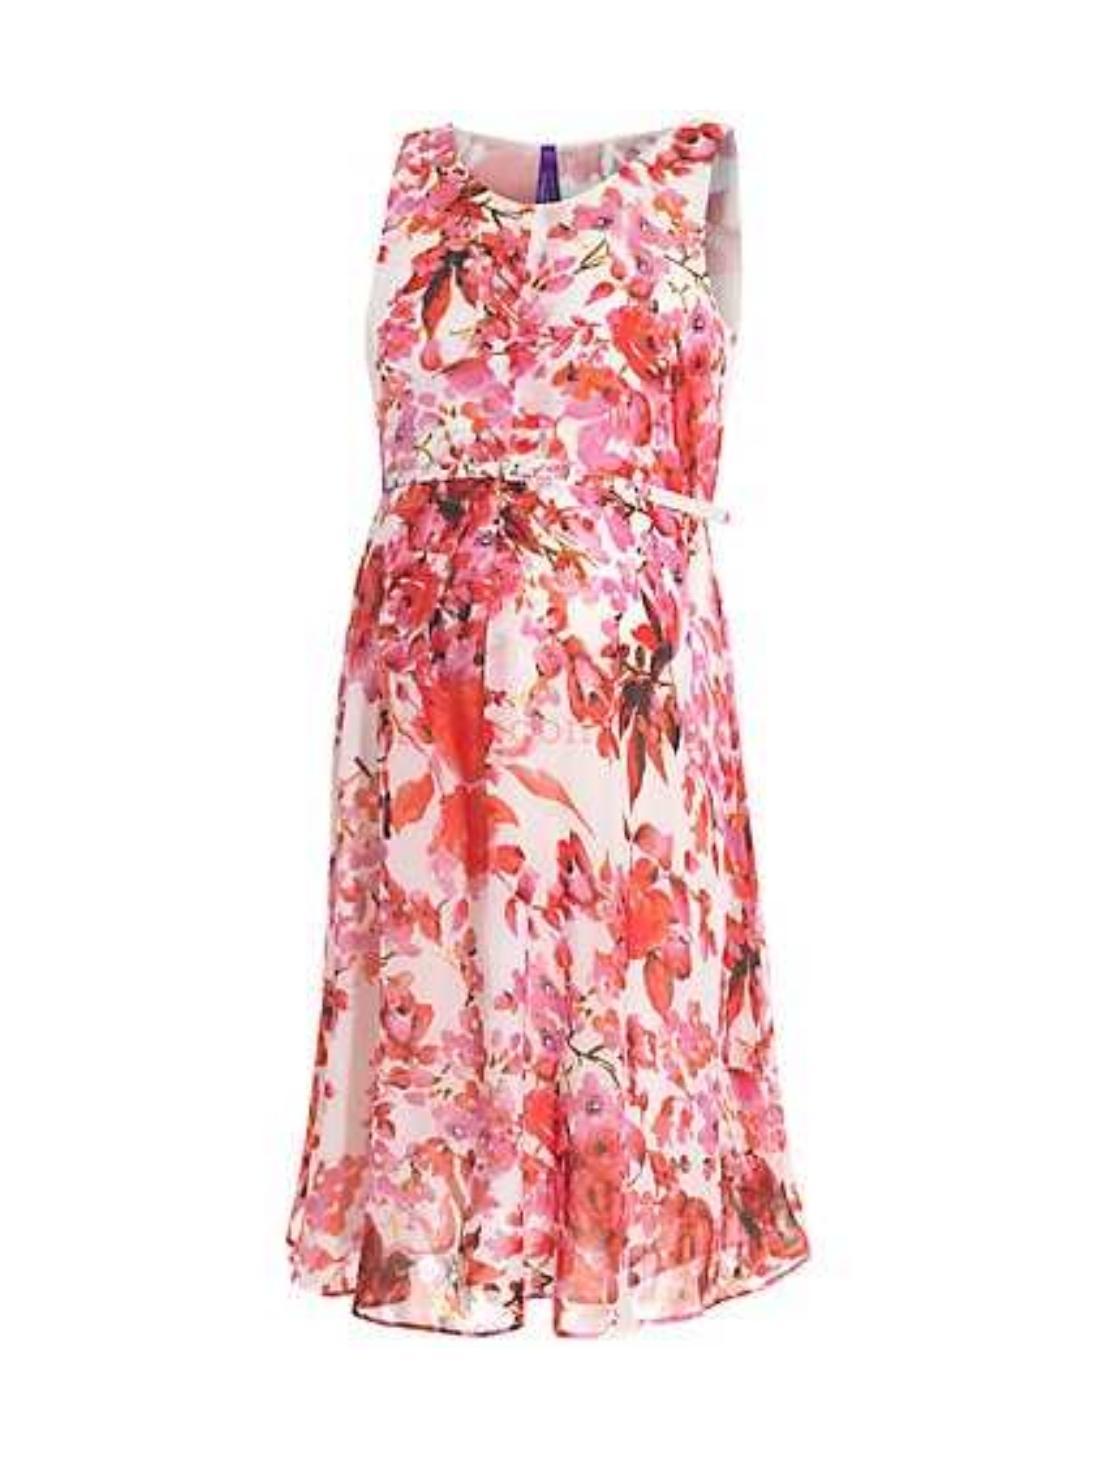 Wholesale Women Oasis Ruffle Chiffon Shift Dress